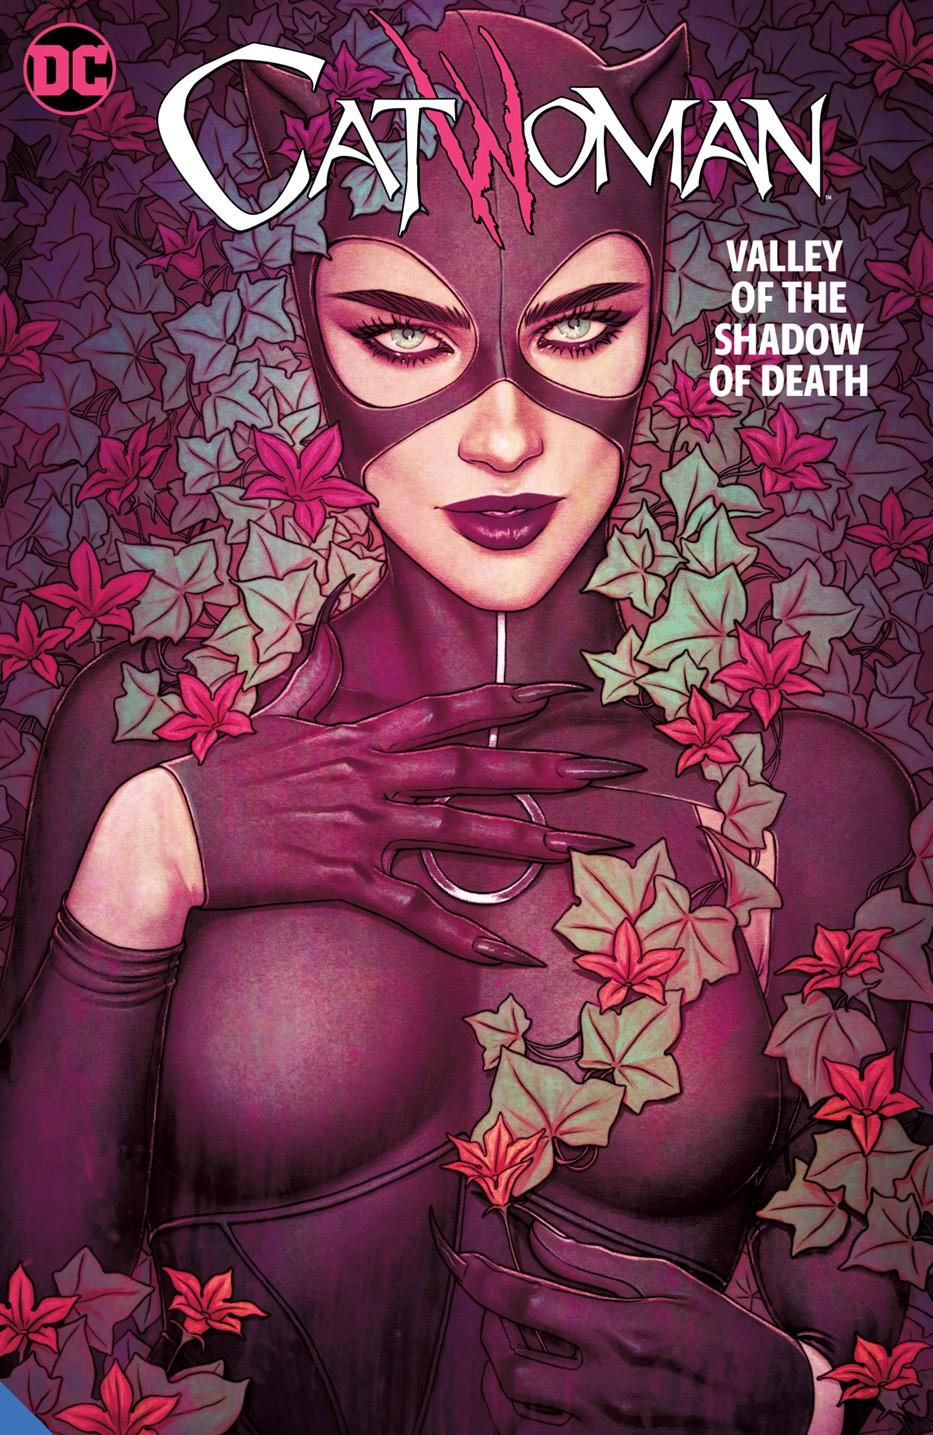 catwoman-vol5_adv DC Comics October 2021 Solicitations